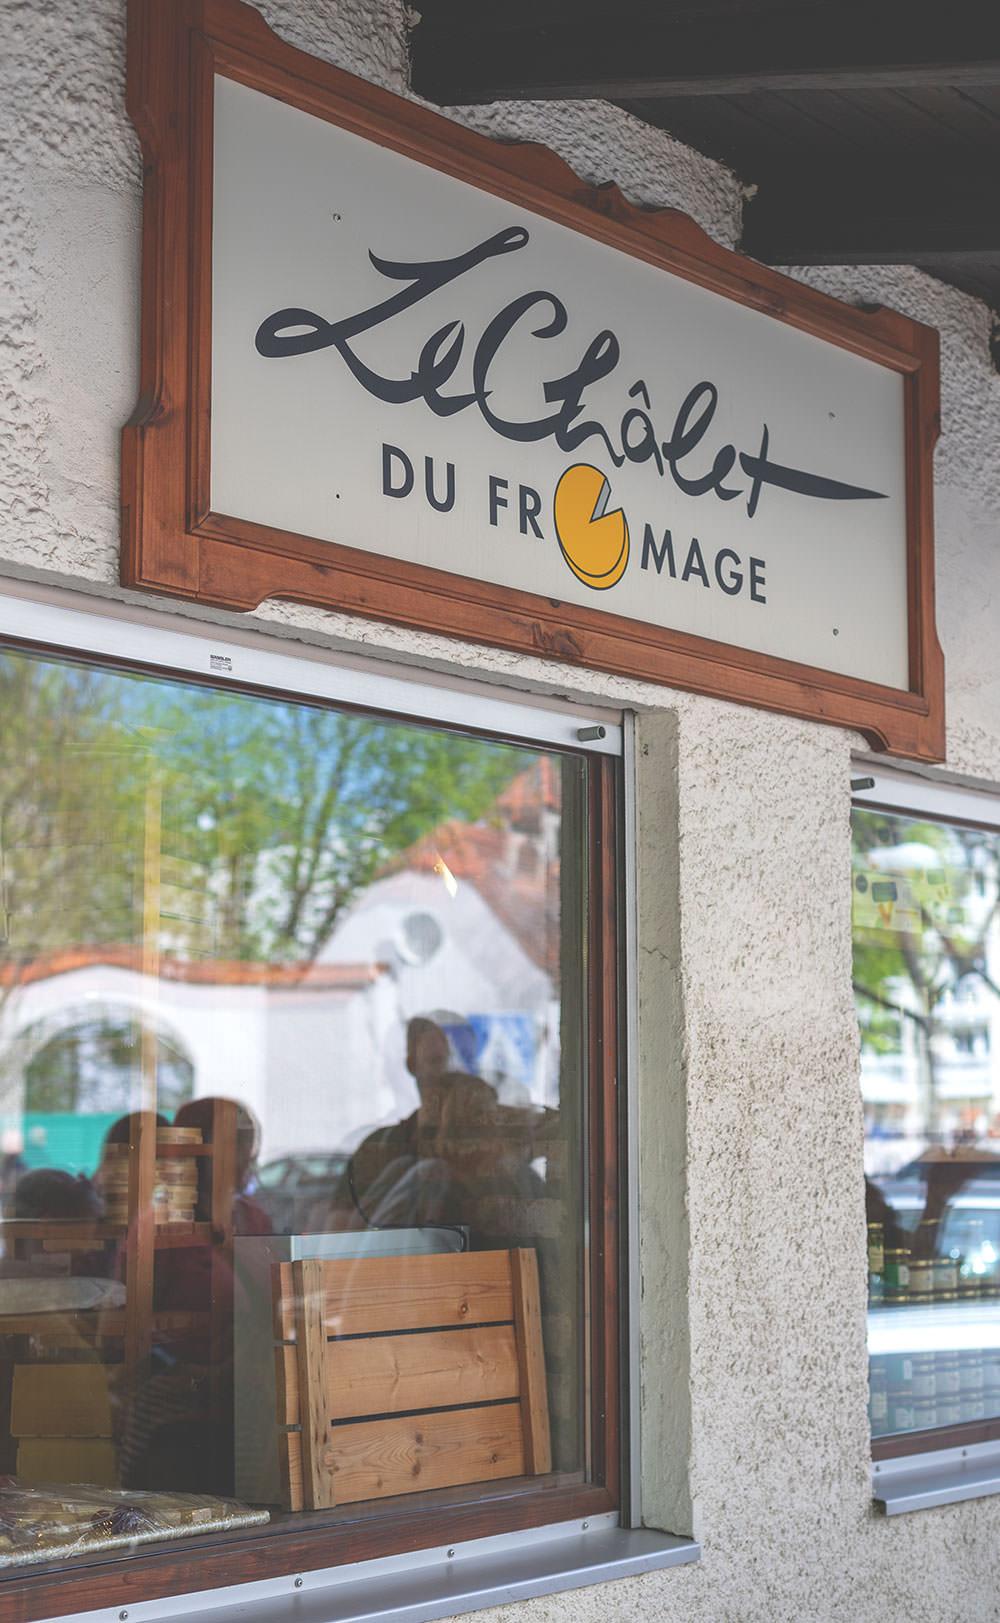 Werbung | Mit Microplane in München | Le chalet du fromage auf dem Elisbethmarkt in Schwabing | moeyskitchen.com